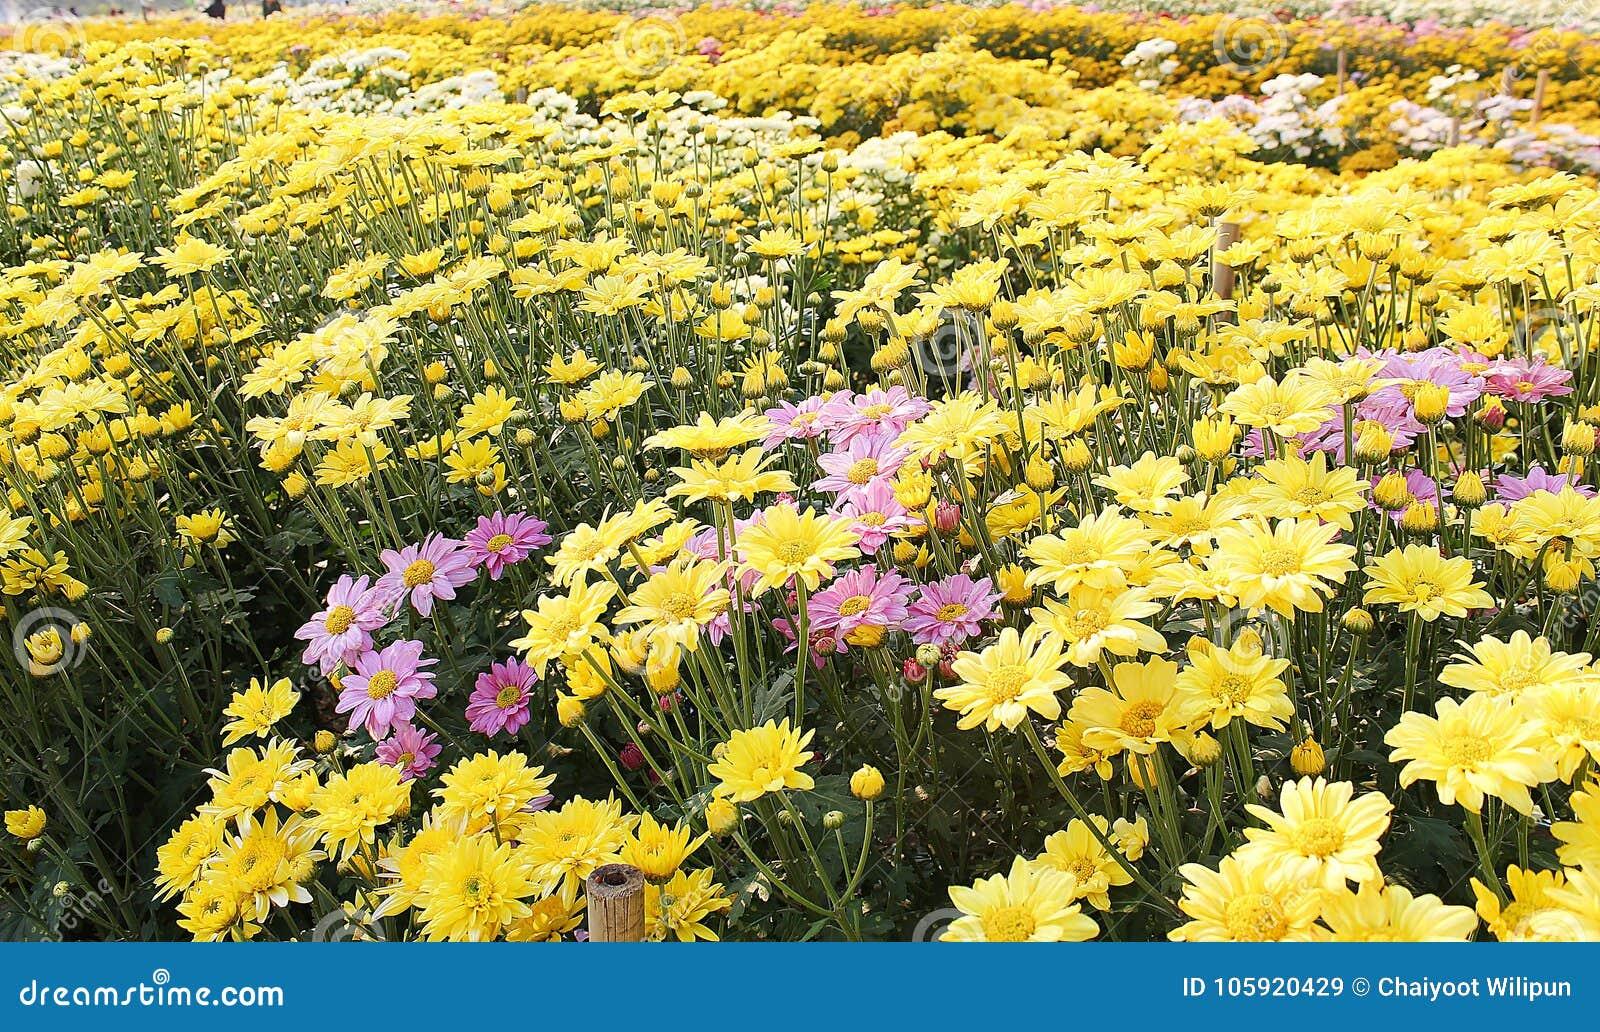 Krokodil Blumen Feld Kosmos Blumen Feld Die Felder Werden Gepflanzt